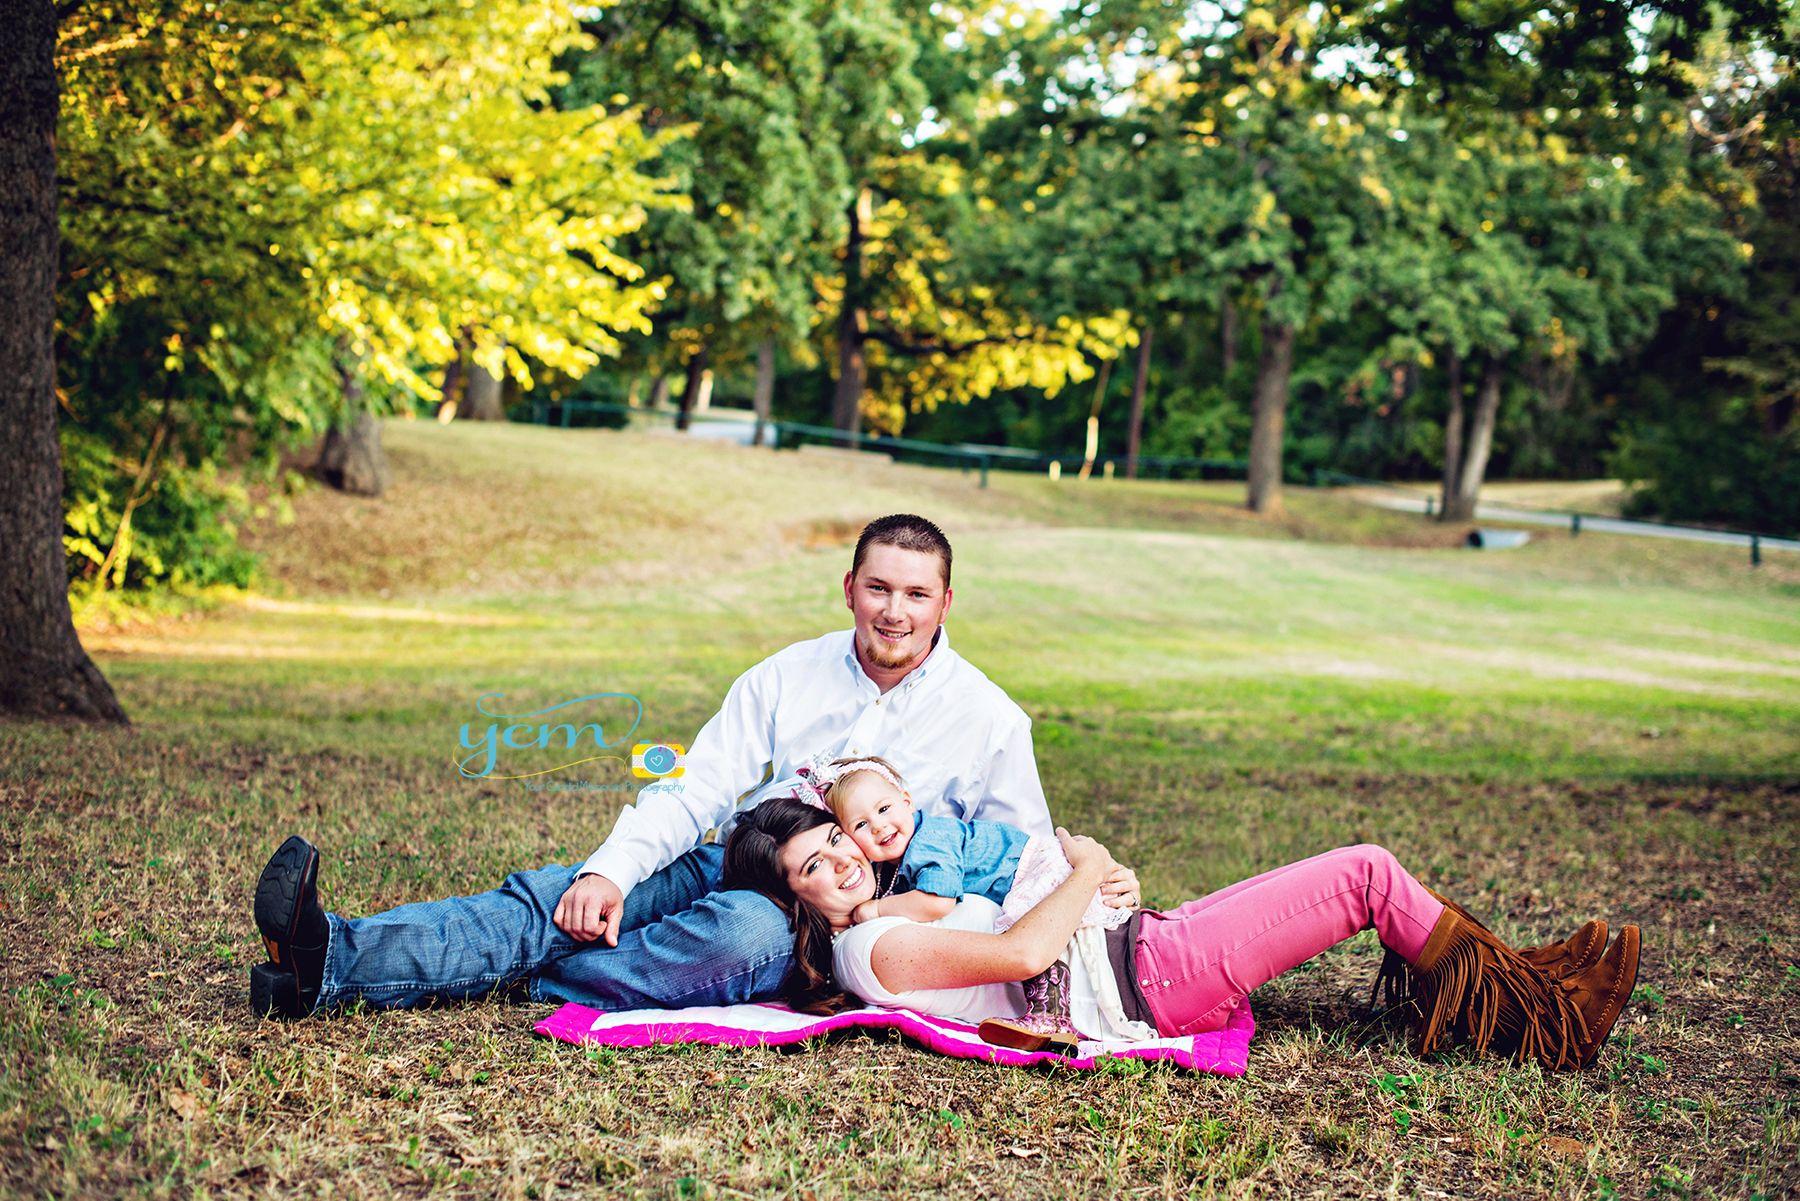 family photo ideas, family poses, family photos, family